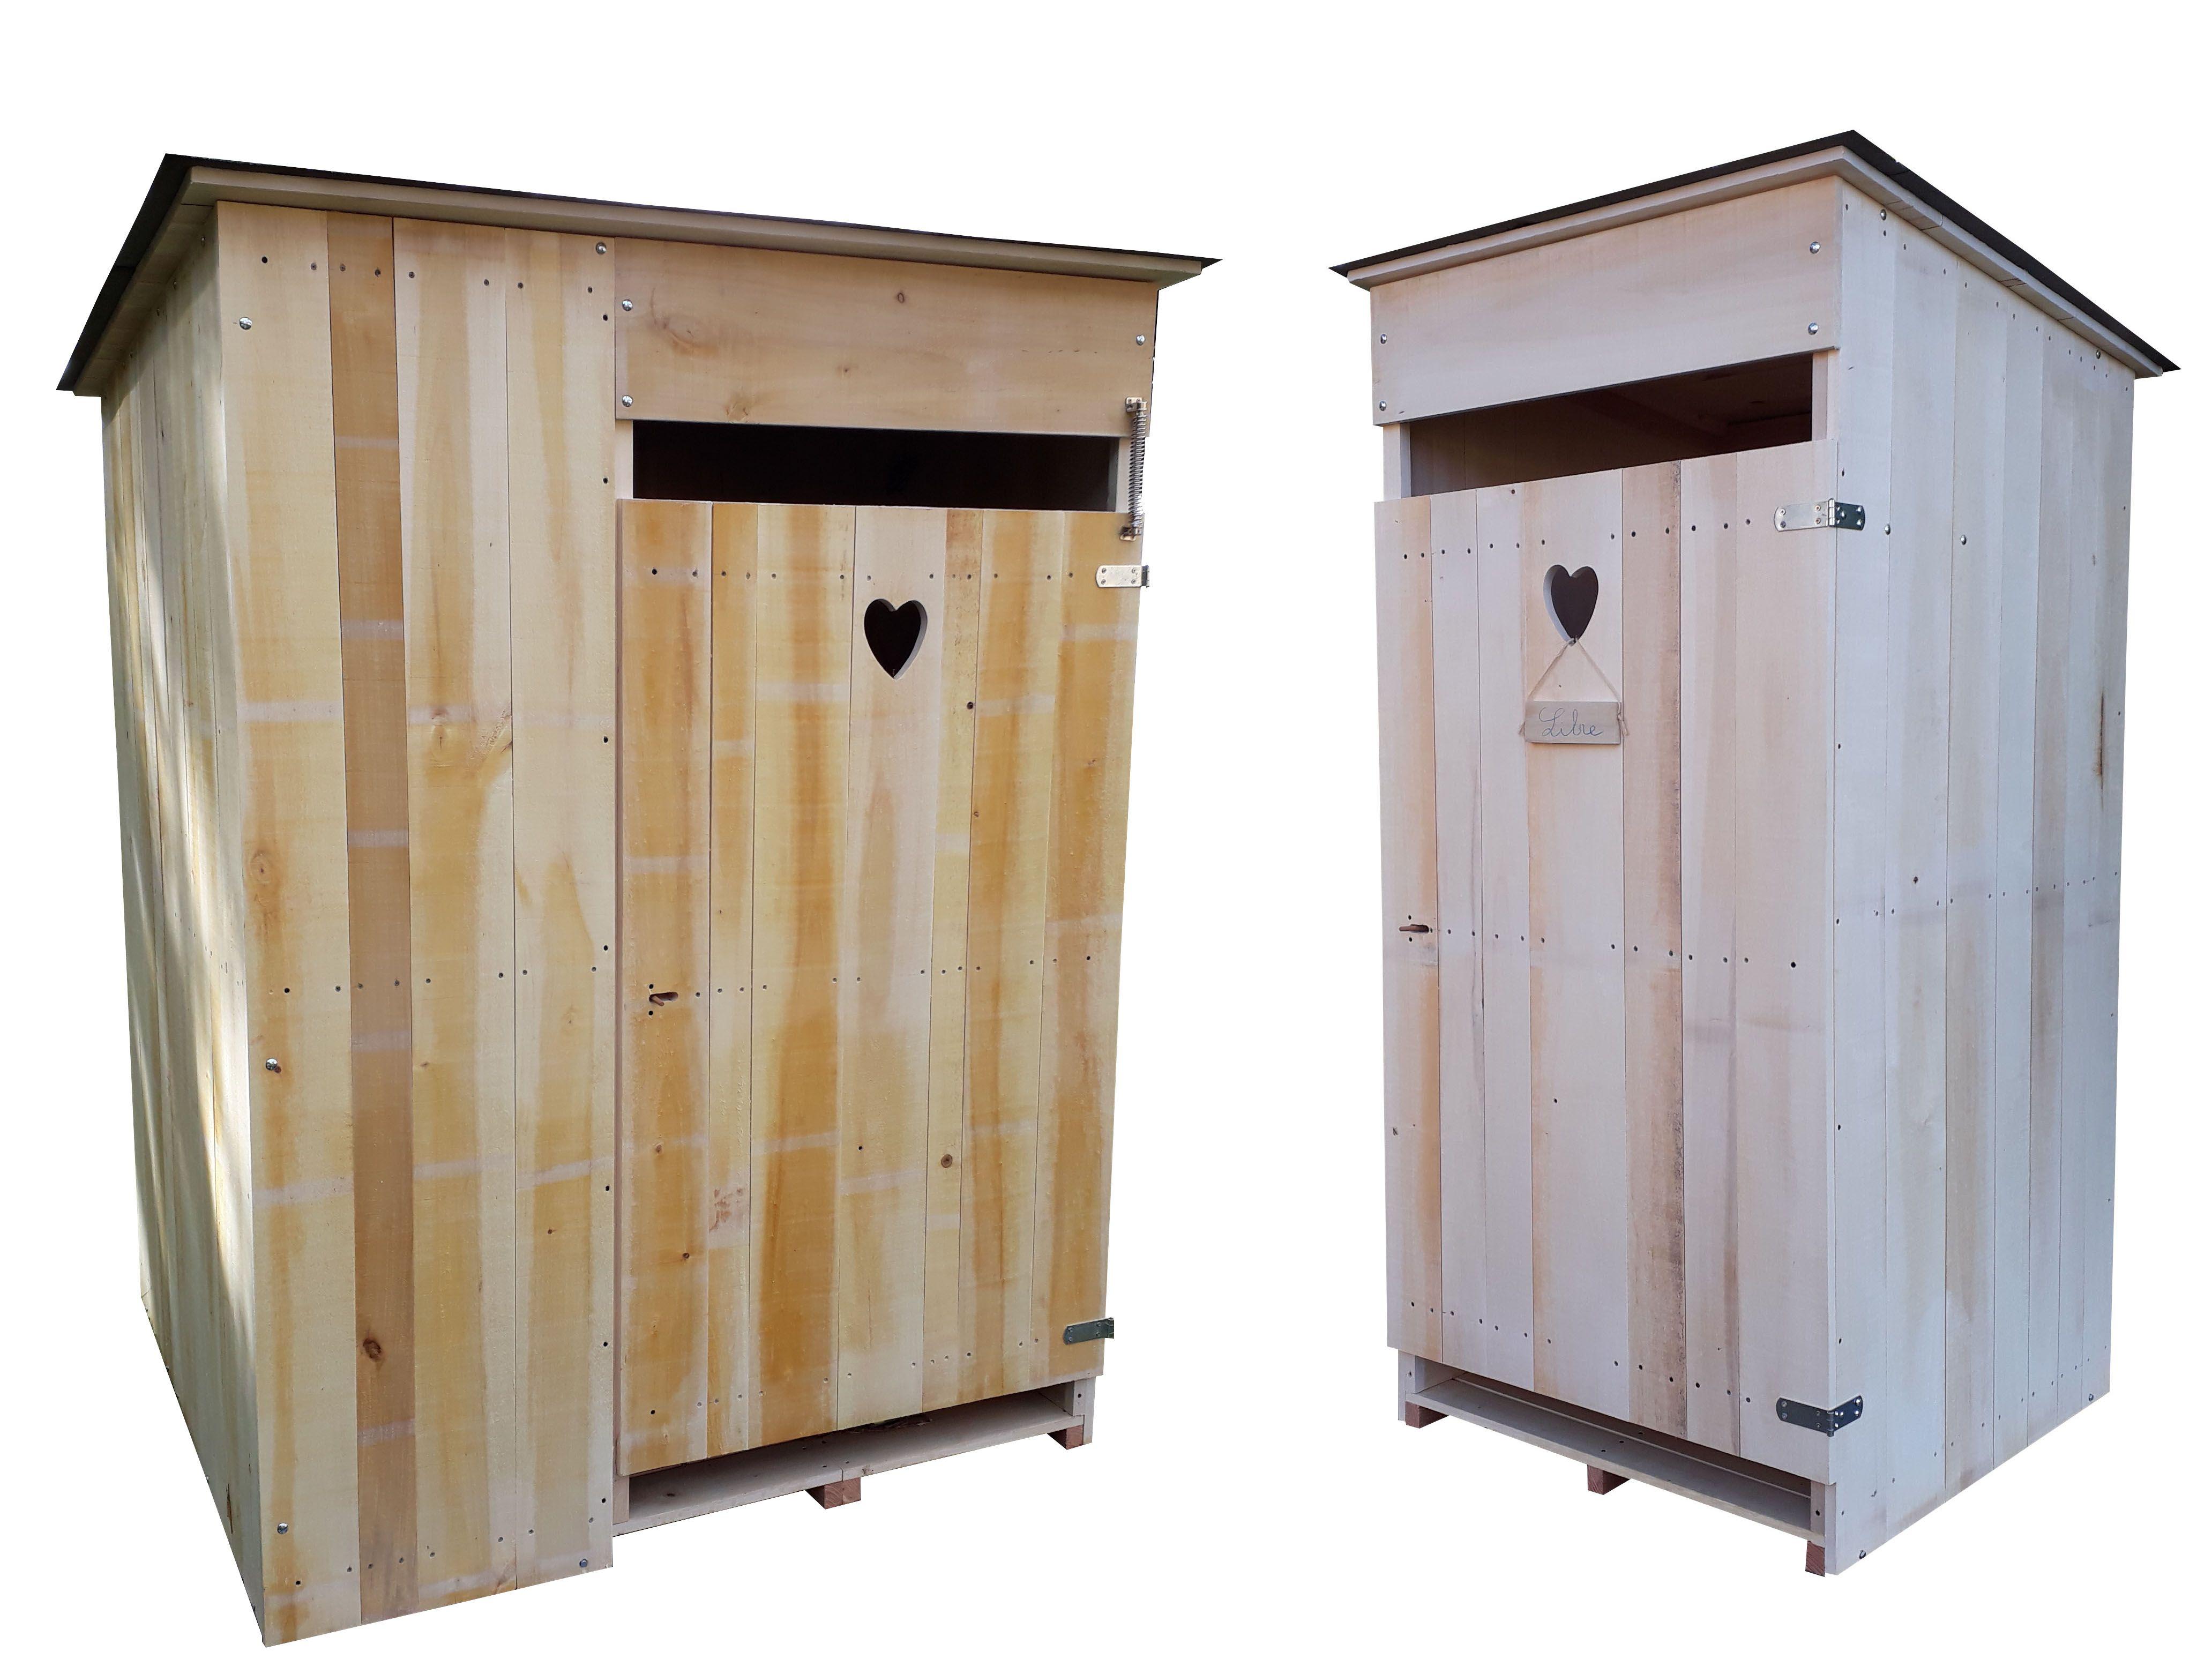 Cabanes De Toilettes Sèches Extérieur. Standard Et Pmr. I intérieur Toilettes Seches Vente